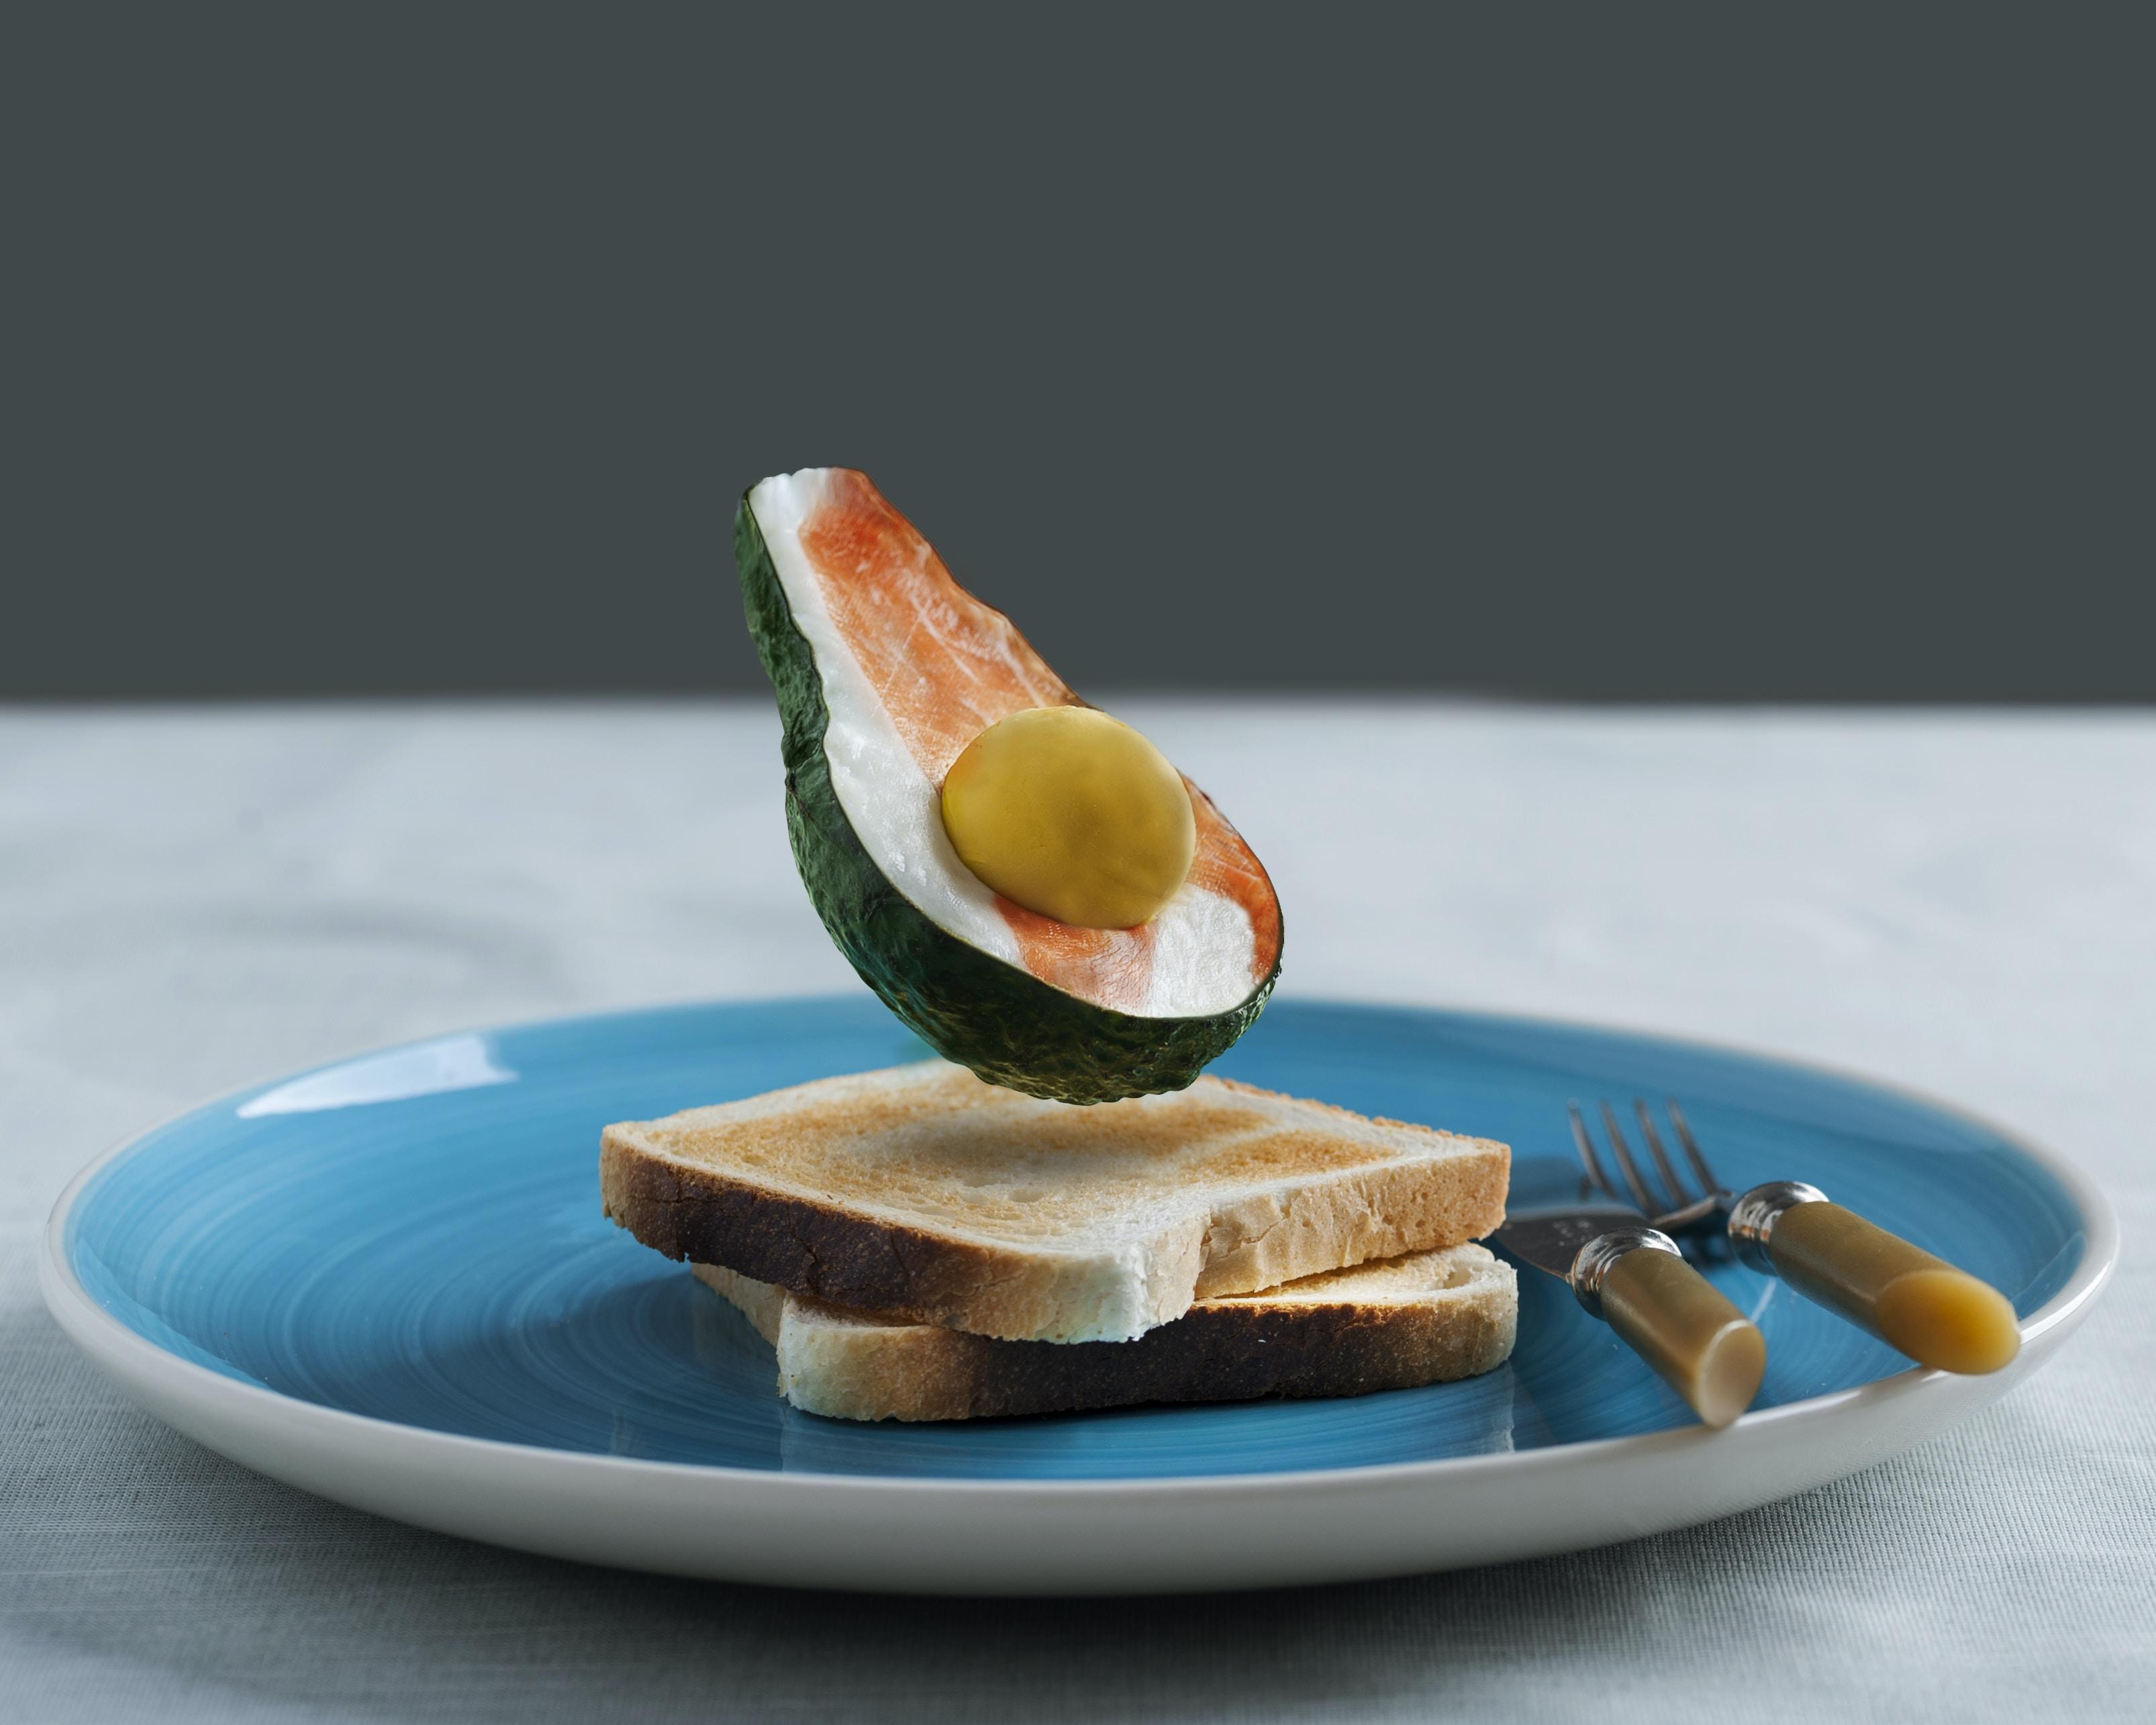 avocado toast served on plate